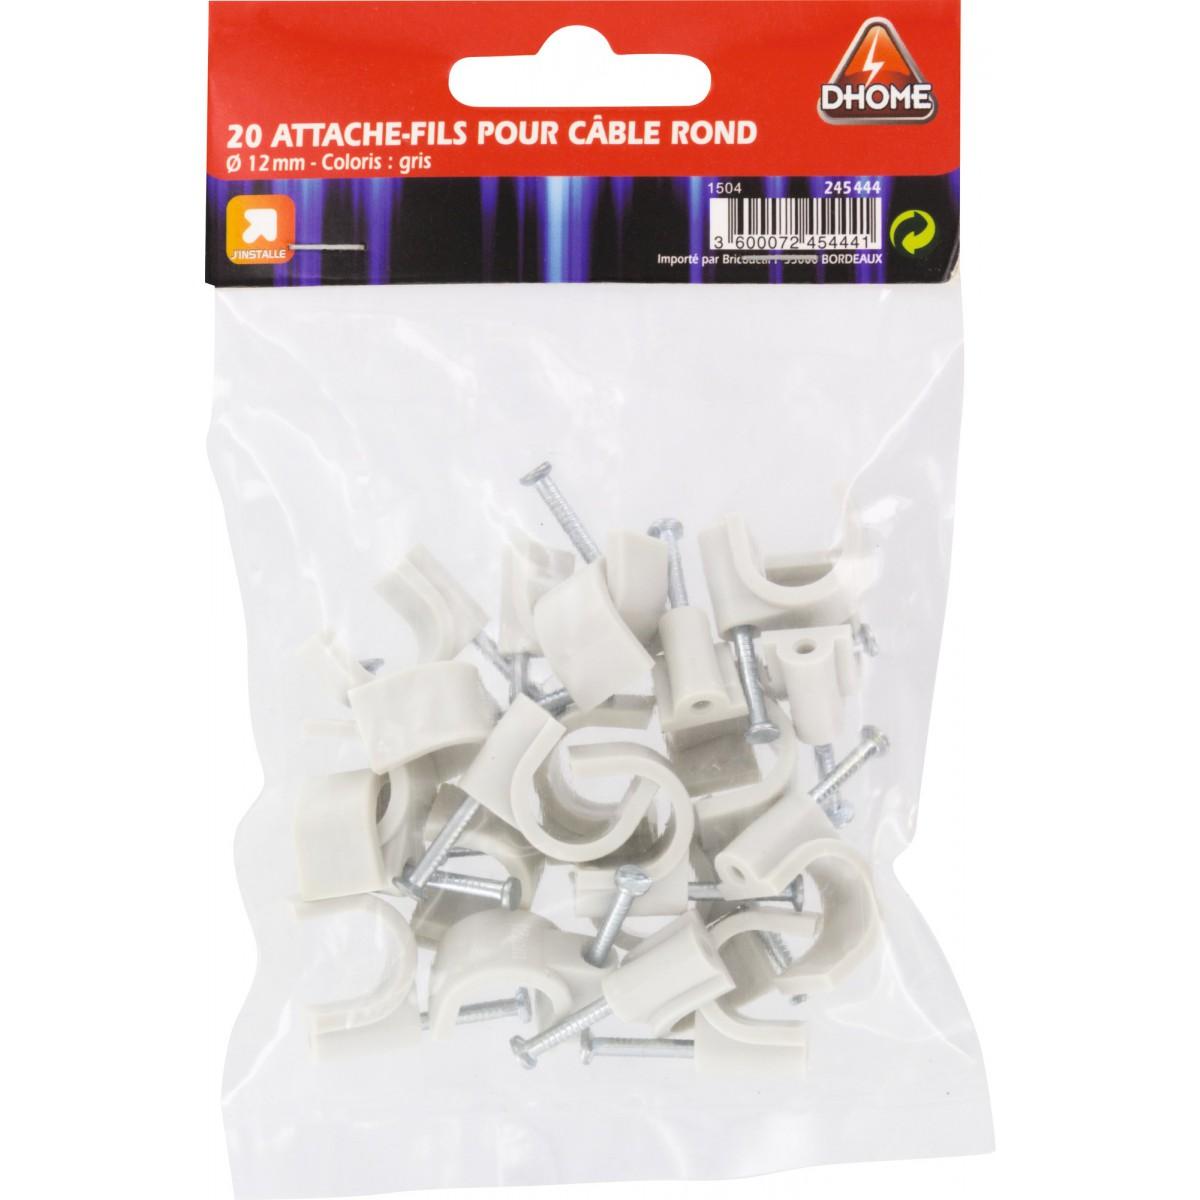 Pontet rigide gris Dhome - Diamètre 12 mm - Vendu par 20